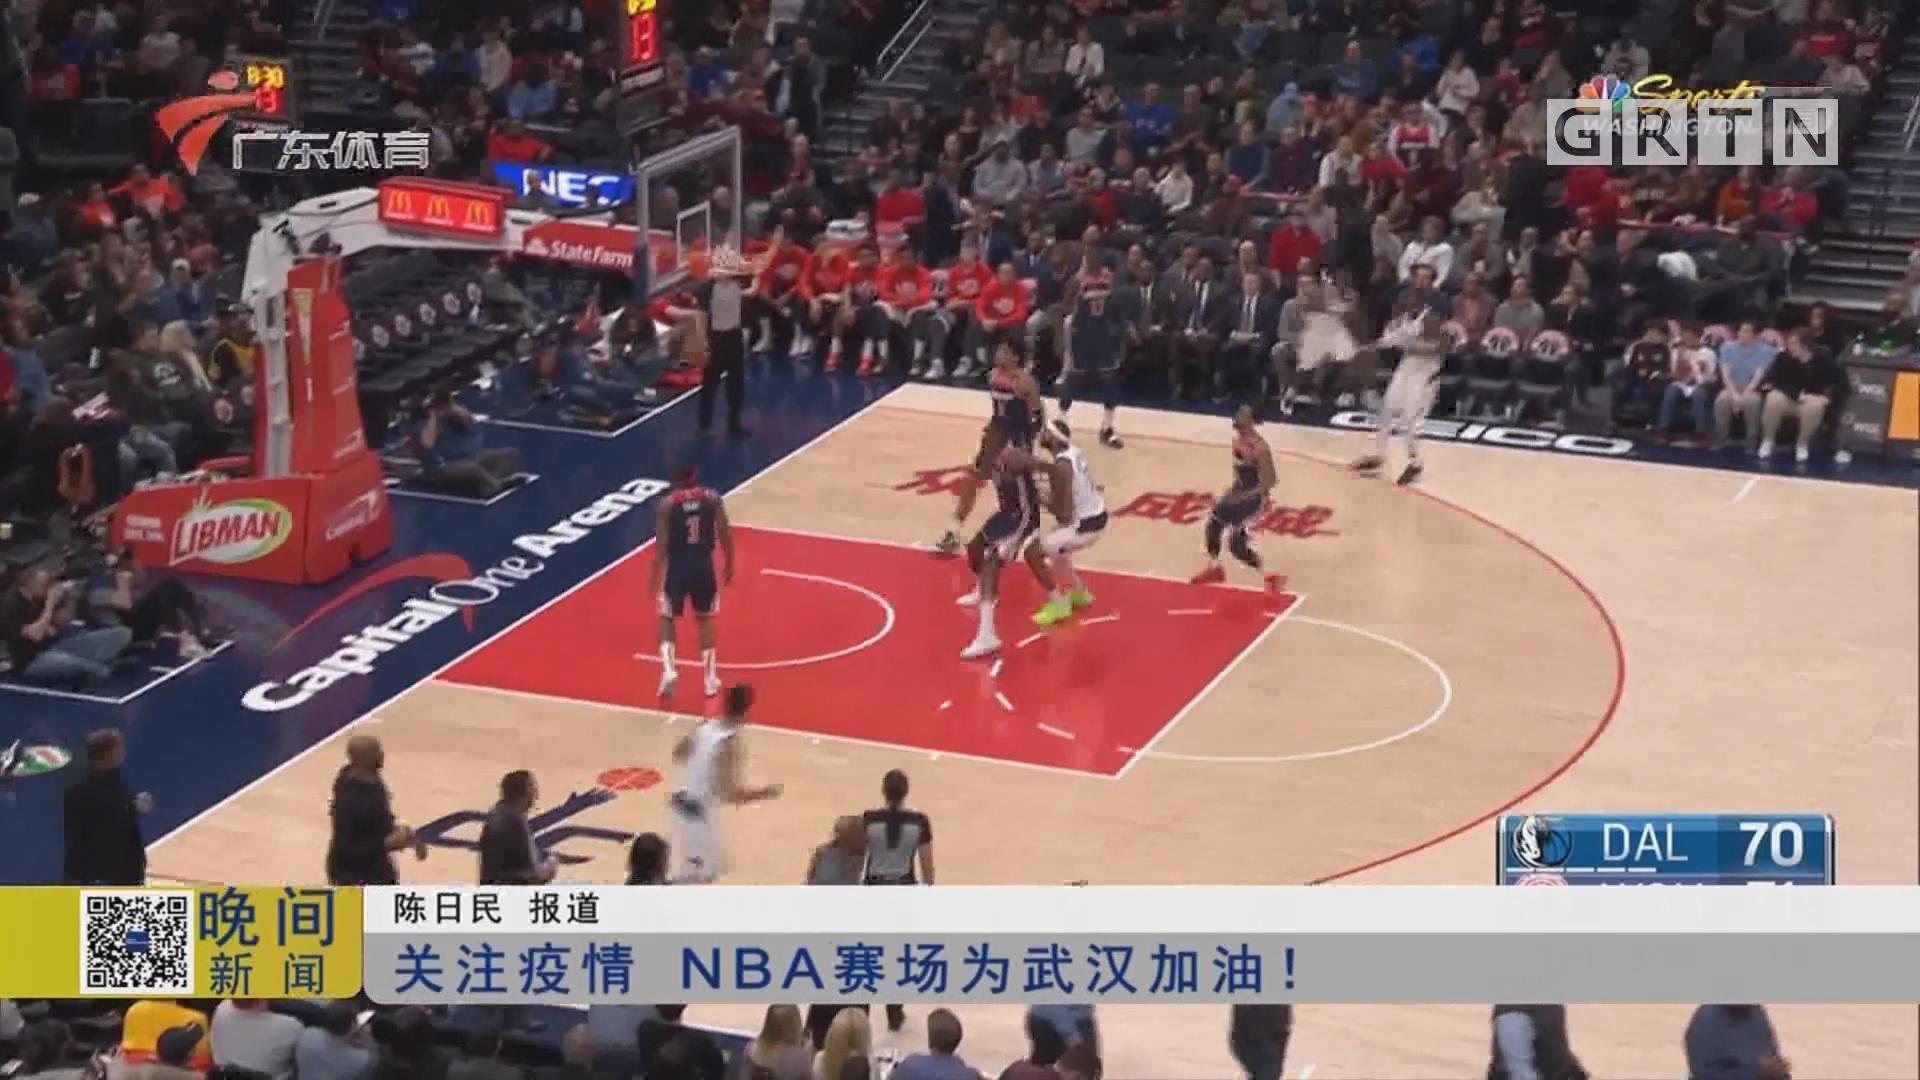 关注疫情 NBA赛场为武汉加油!